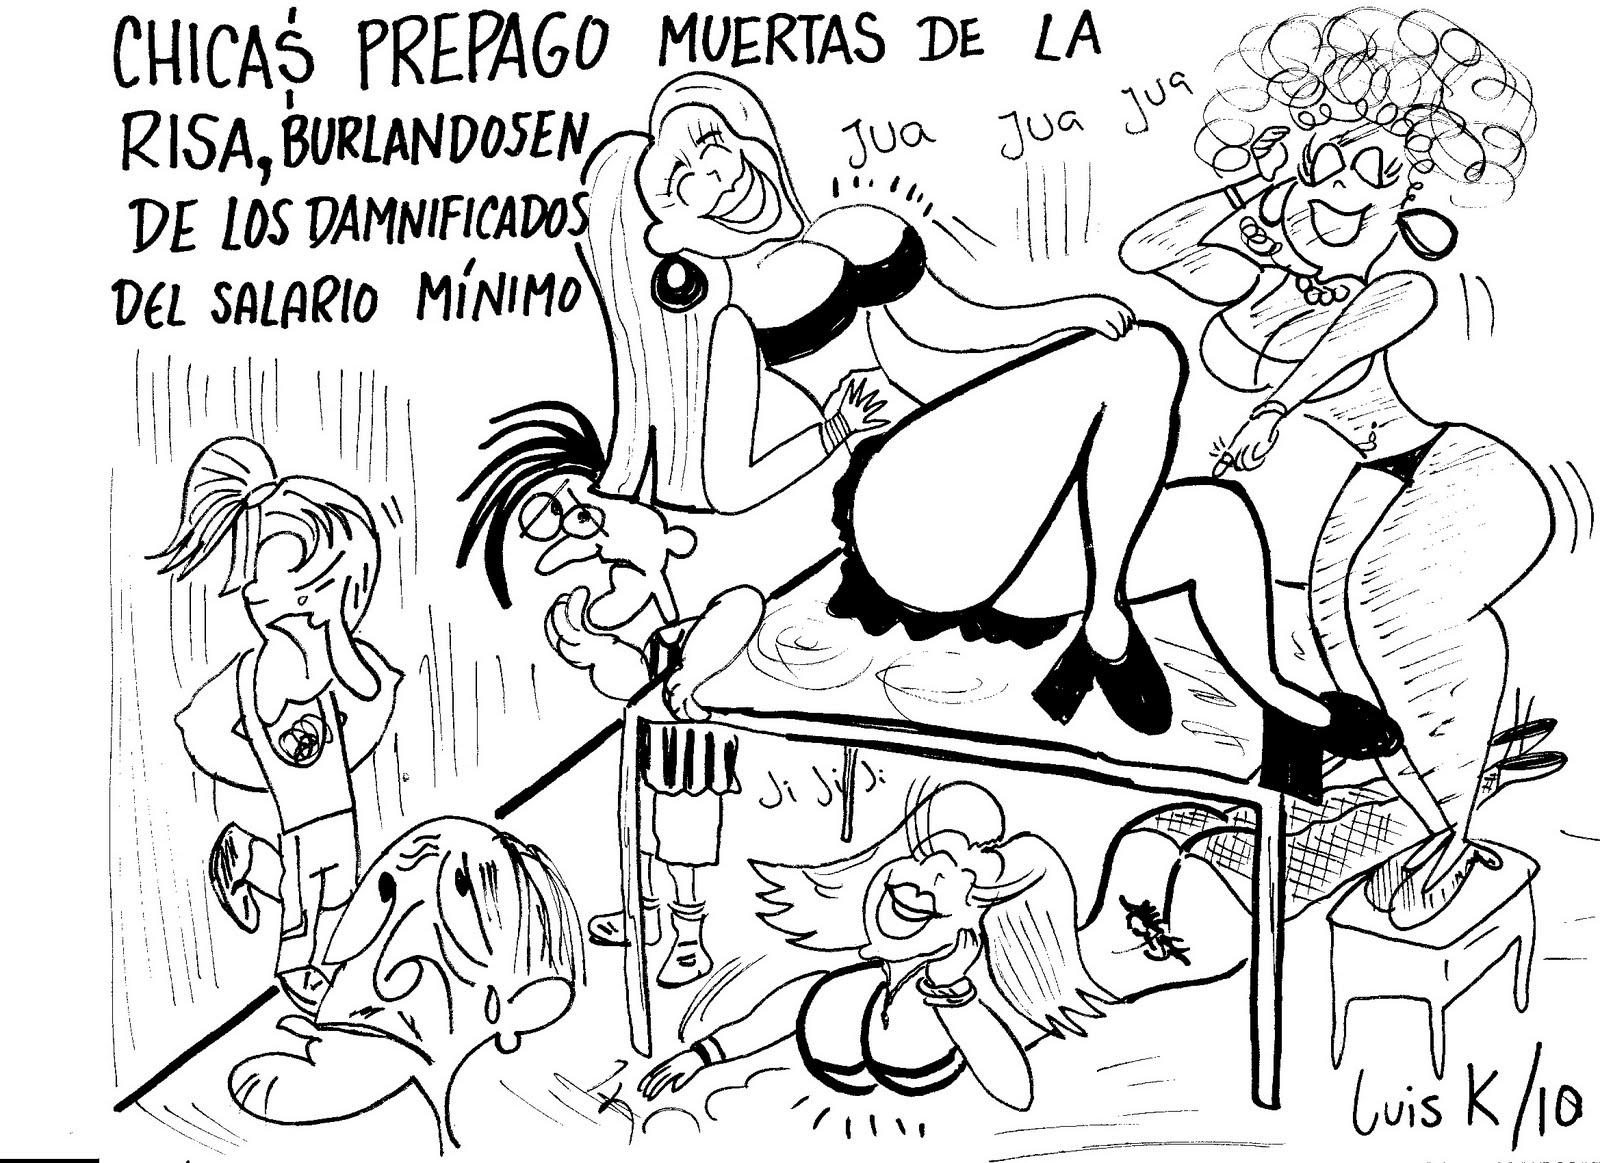 LAS LUISCARICATURAS DE LUIS K